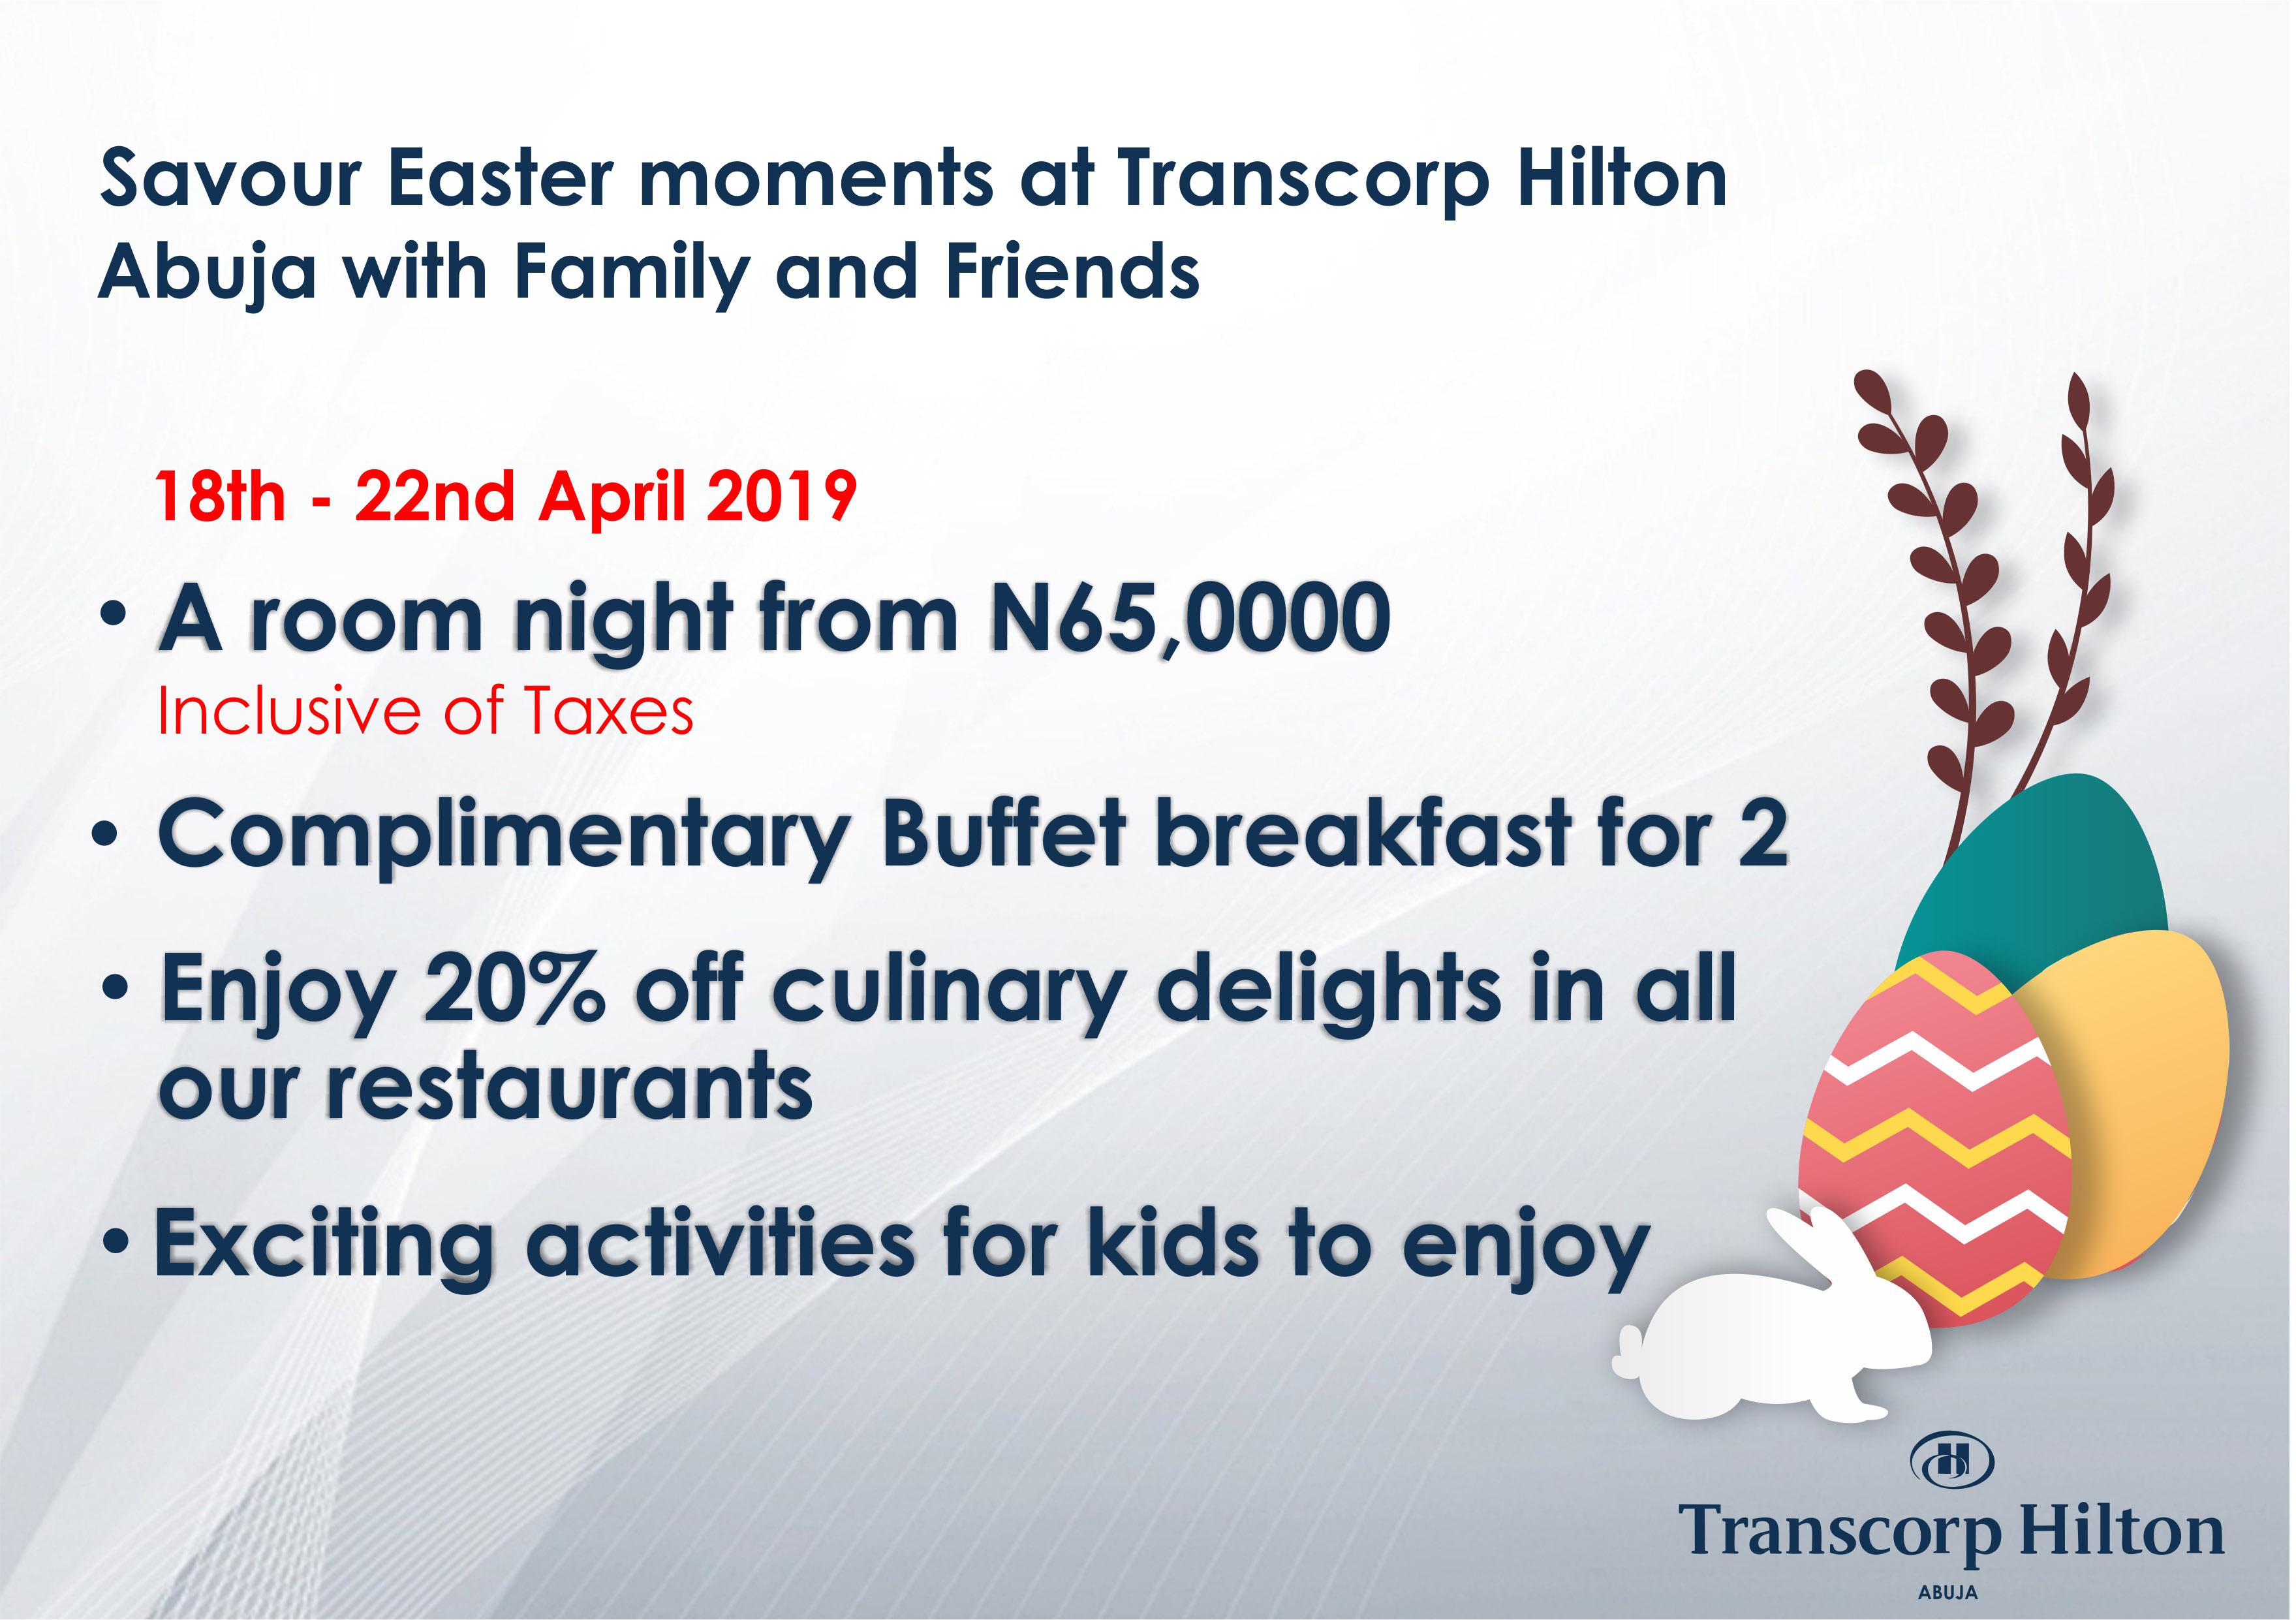 <strong>1. Transcorp Hilton Abuja</strong>